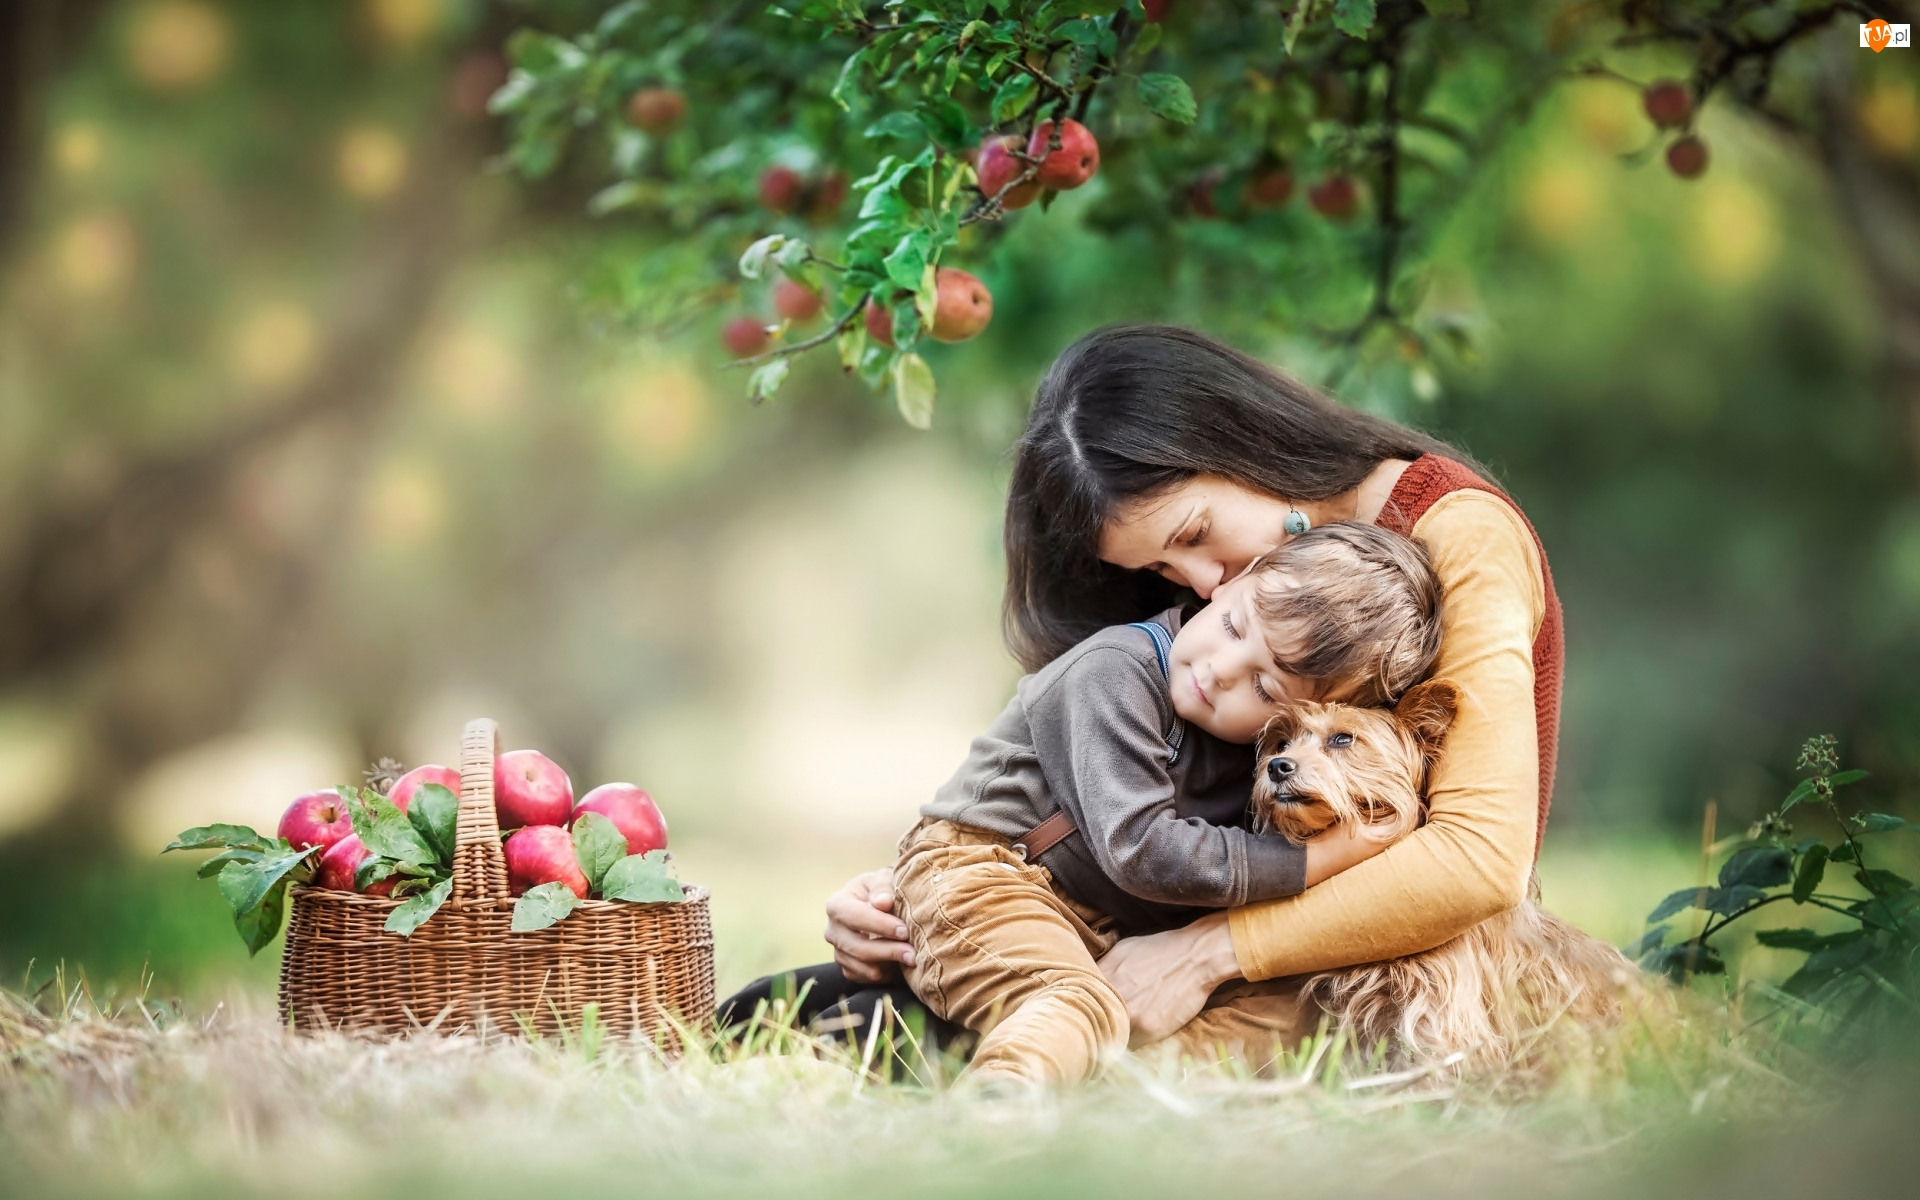 Dziecko, Kobieta, Koszyk, Jabłoń, Pies, Jabłka